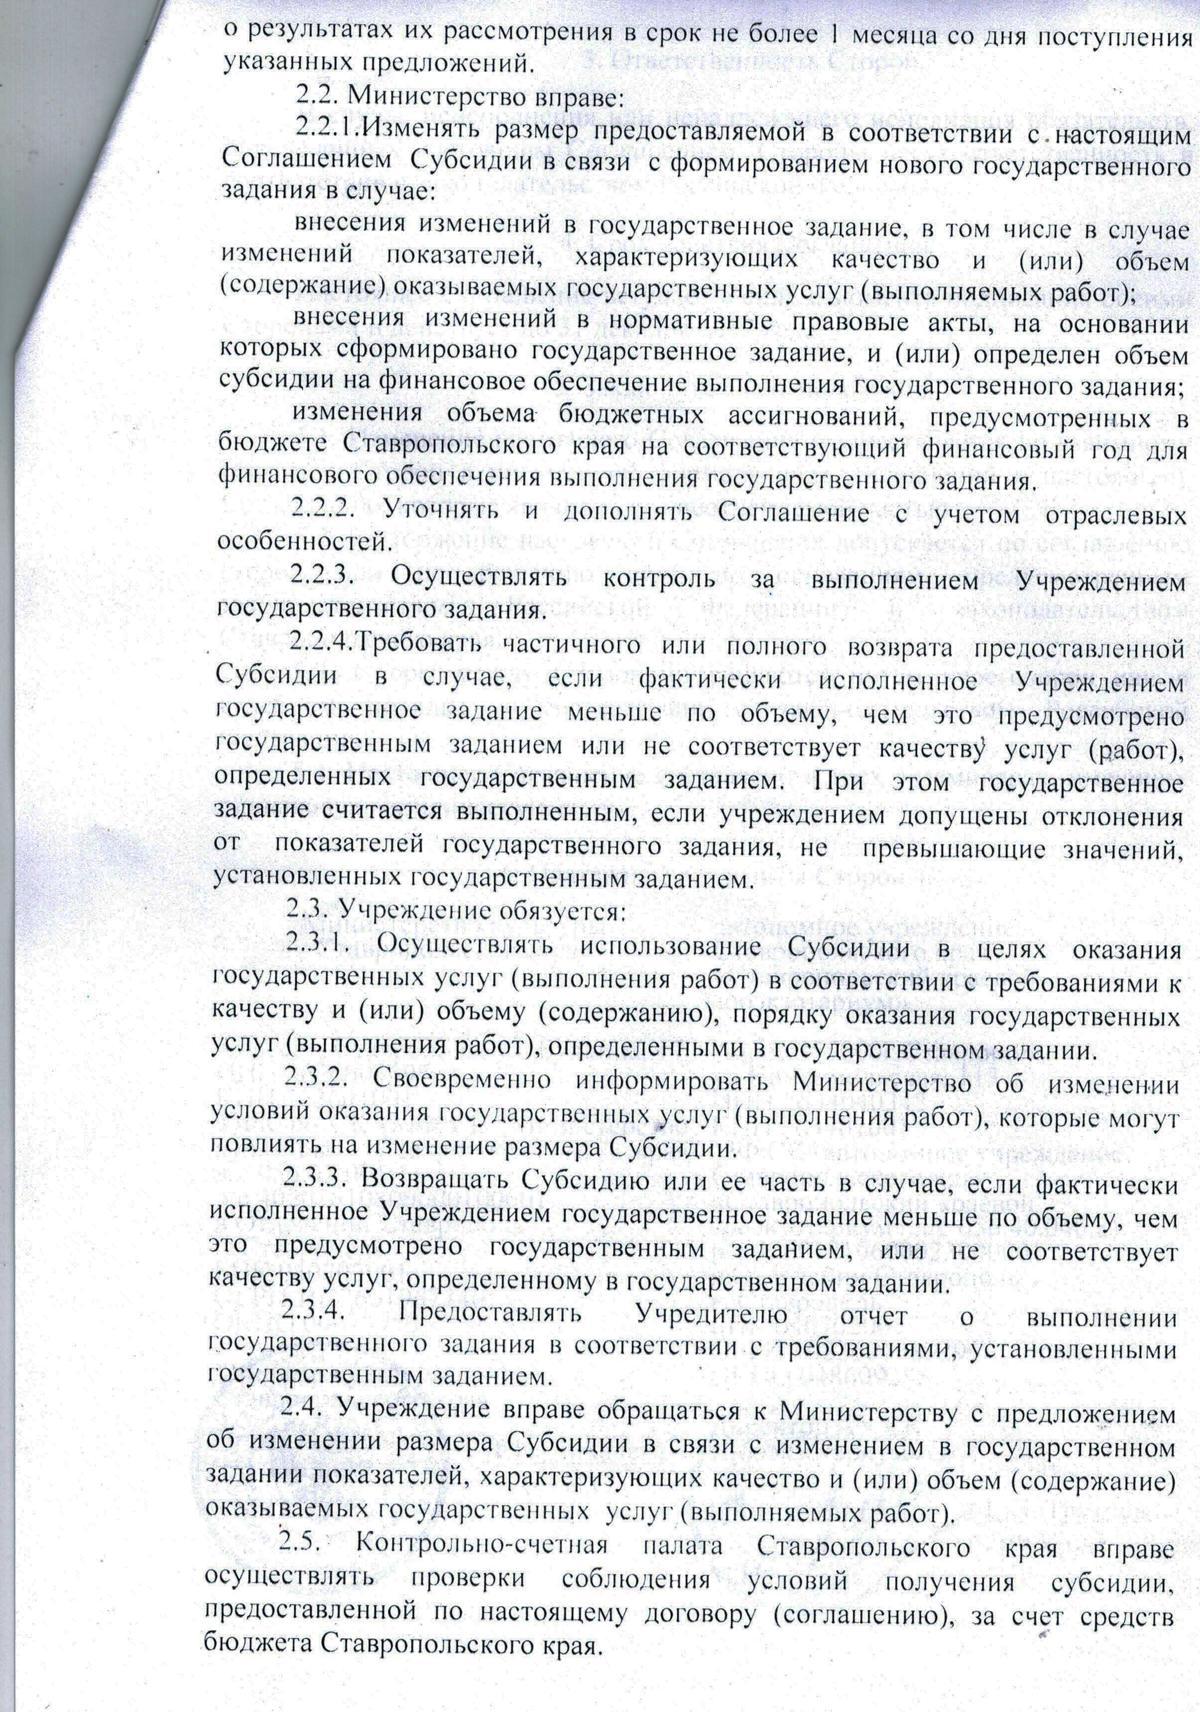 Соглашение о субсидии 2017 стр. 2